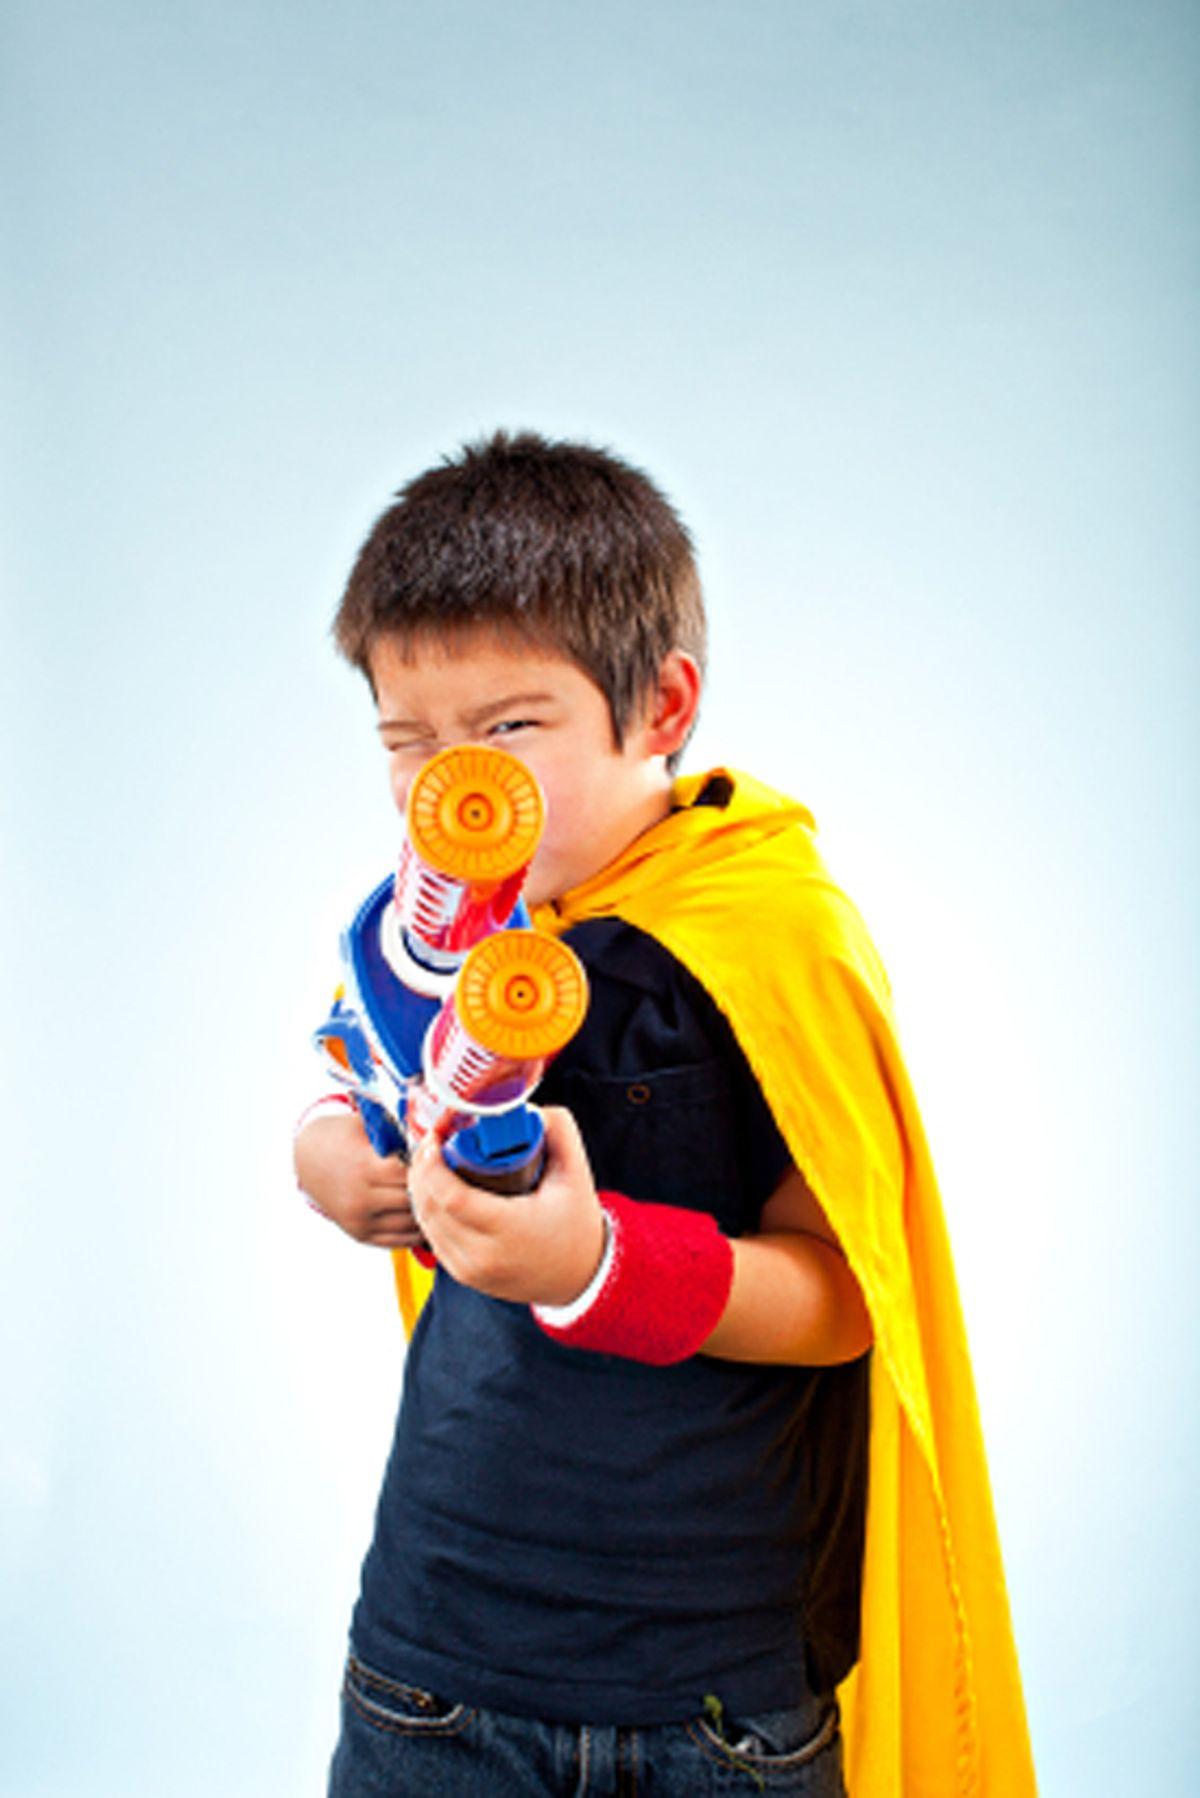 kid superhero [url=http://www.istockphoto.com/my_lightbox_contents.php?lightboxID=1805462][img]http://i176.photobucket.com/albums/w171/manley099/Lightbox/children.jpg[/img][/url] (Andrew Manley)